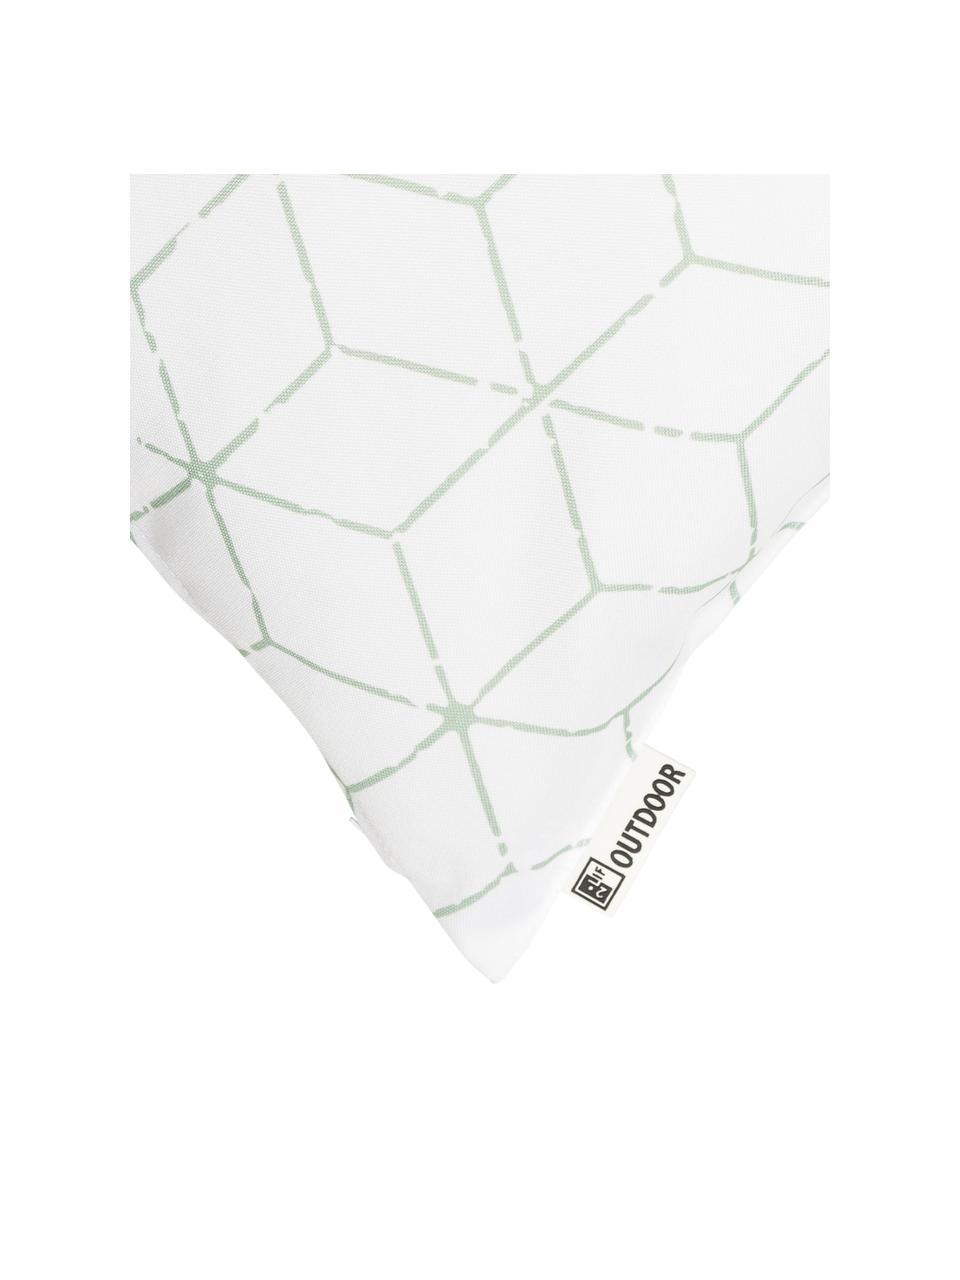 Outdoor-Kissen Cube mit grafischem Muster in Salbeigrün/Weiß, mit Inlett, 100% Polyester, Weiß, Grün, 47 x 47 cm